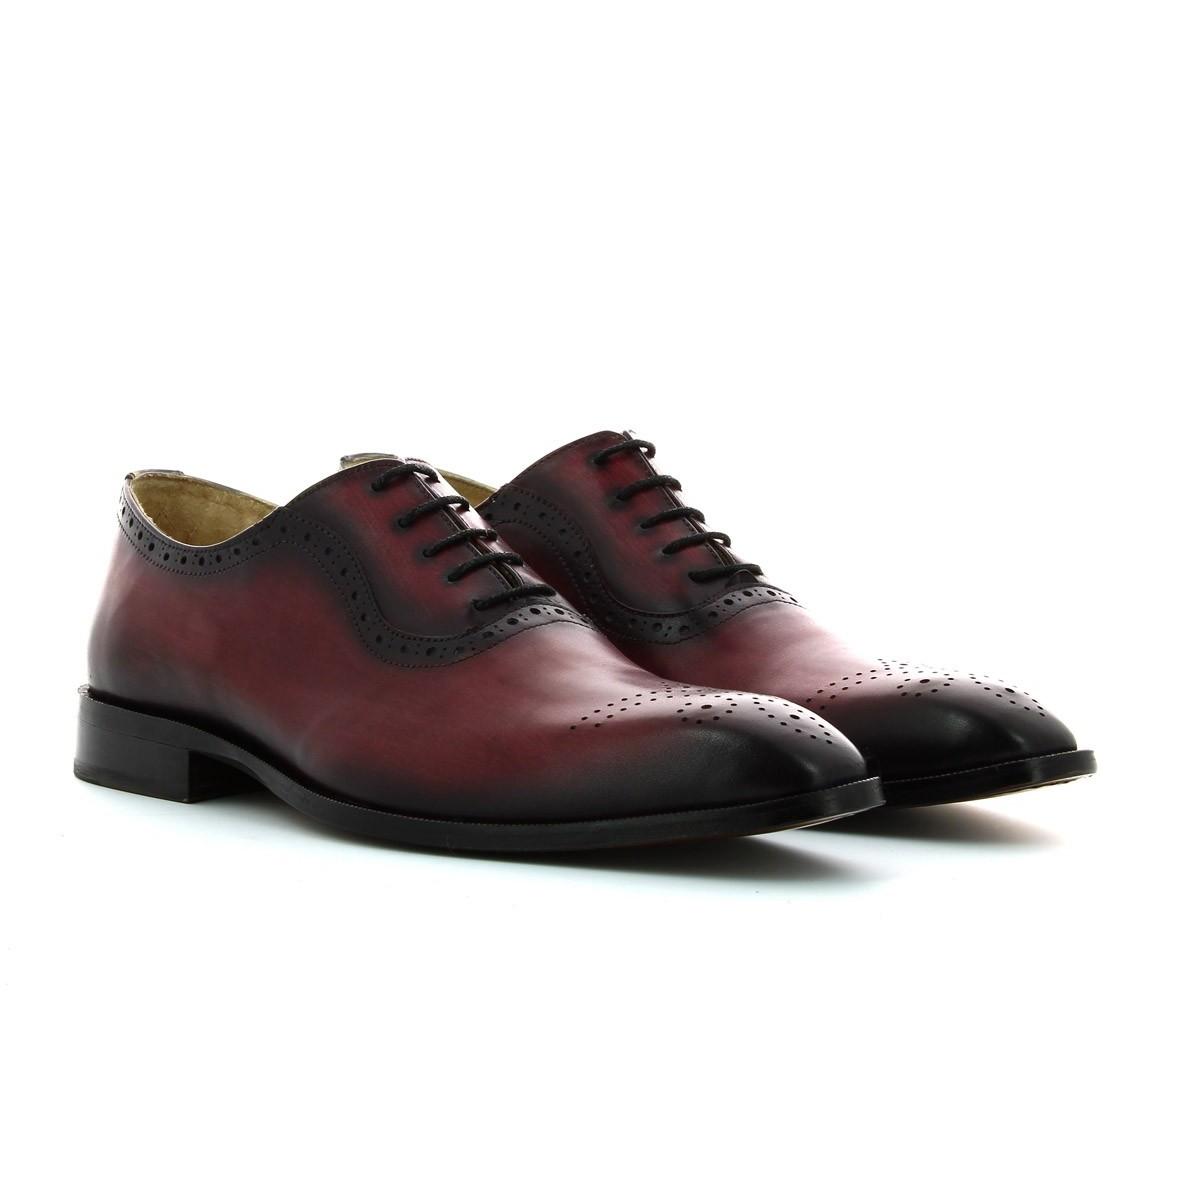 Sapato Bordô Homem Pintado à mão